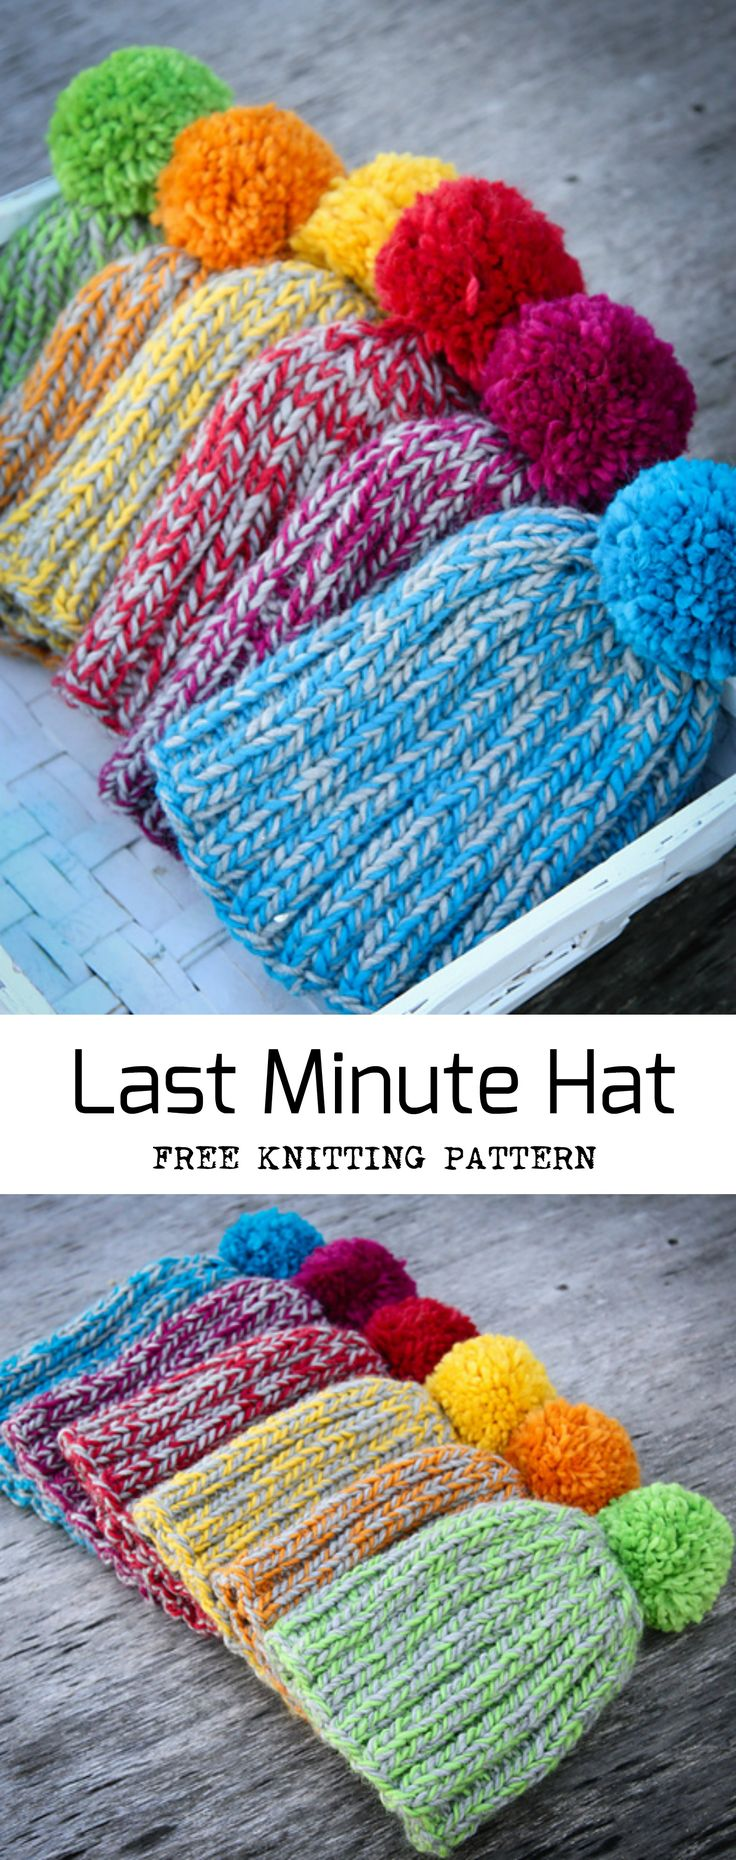 Patrón de punto gratis de sombrero de última hora